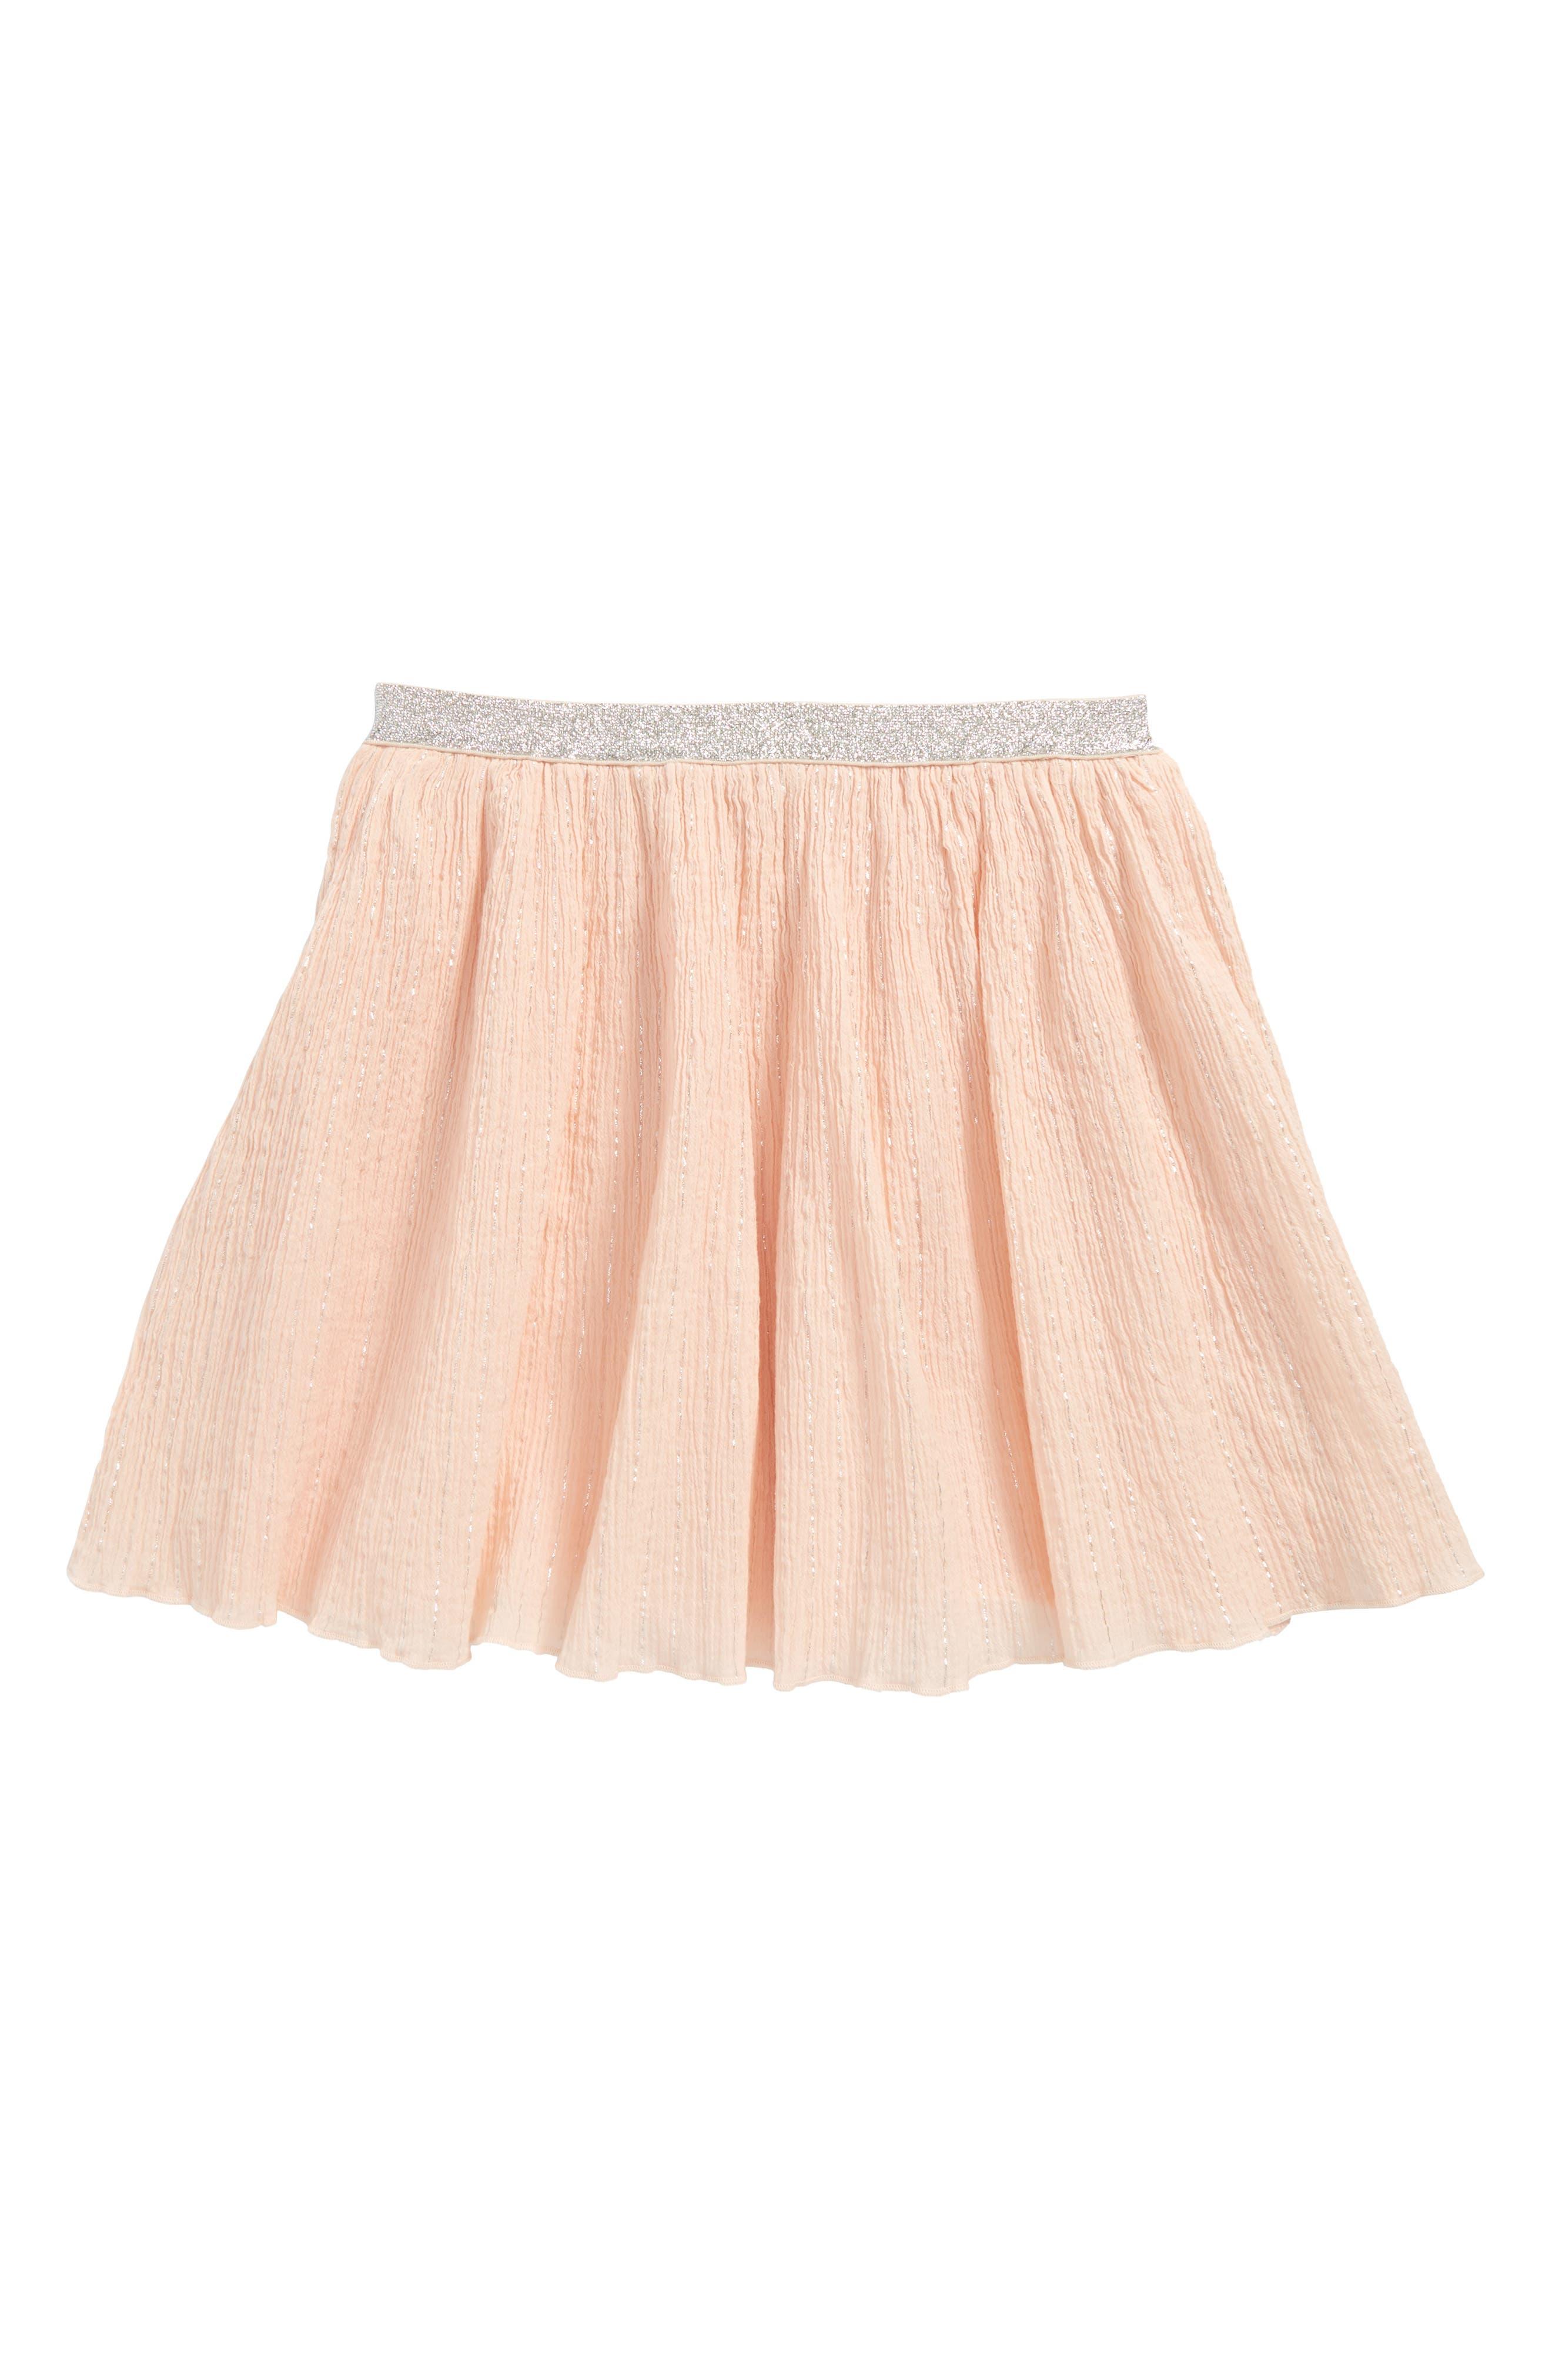 Peek Hailey Skirt,                         Main,                         color, 951